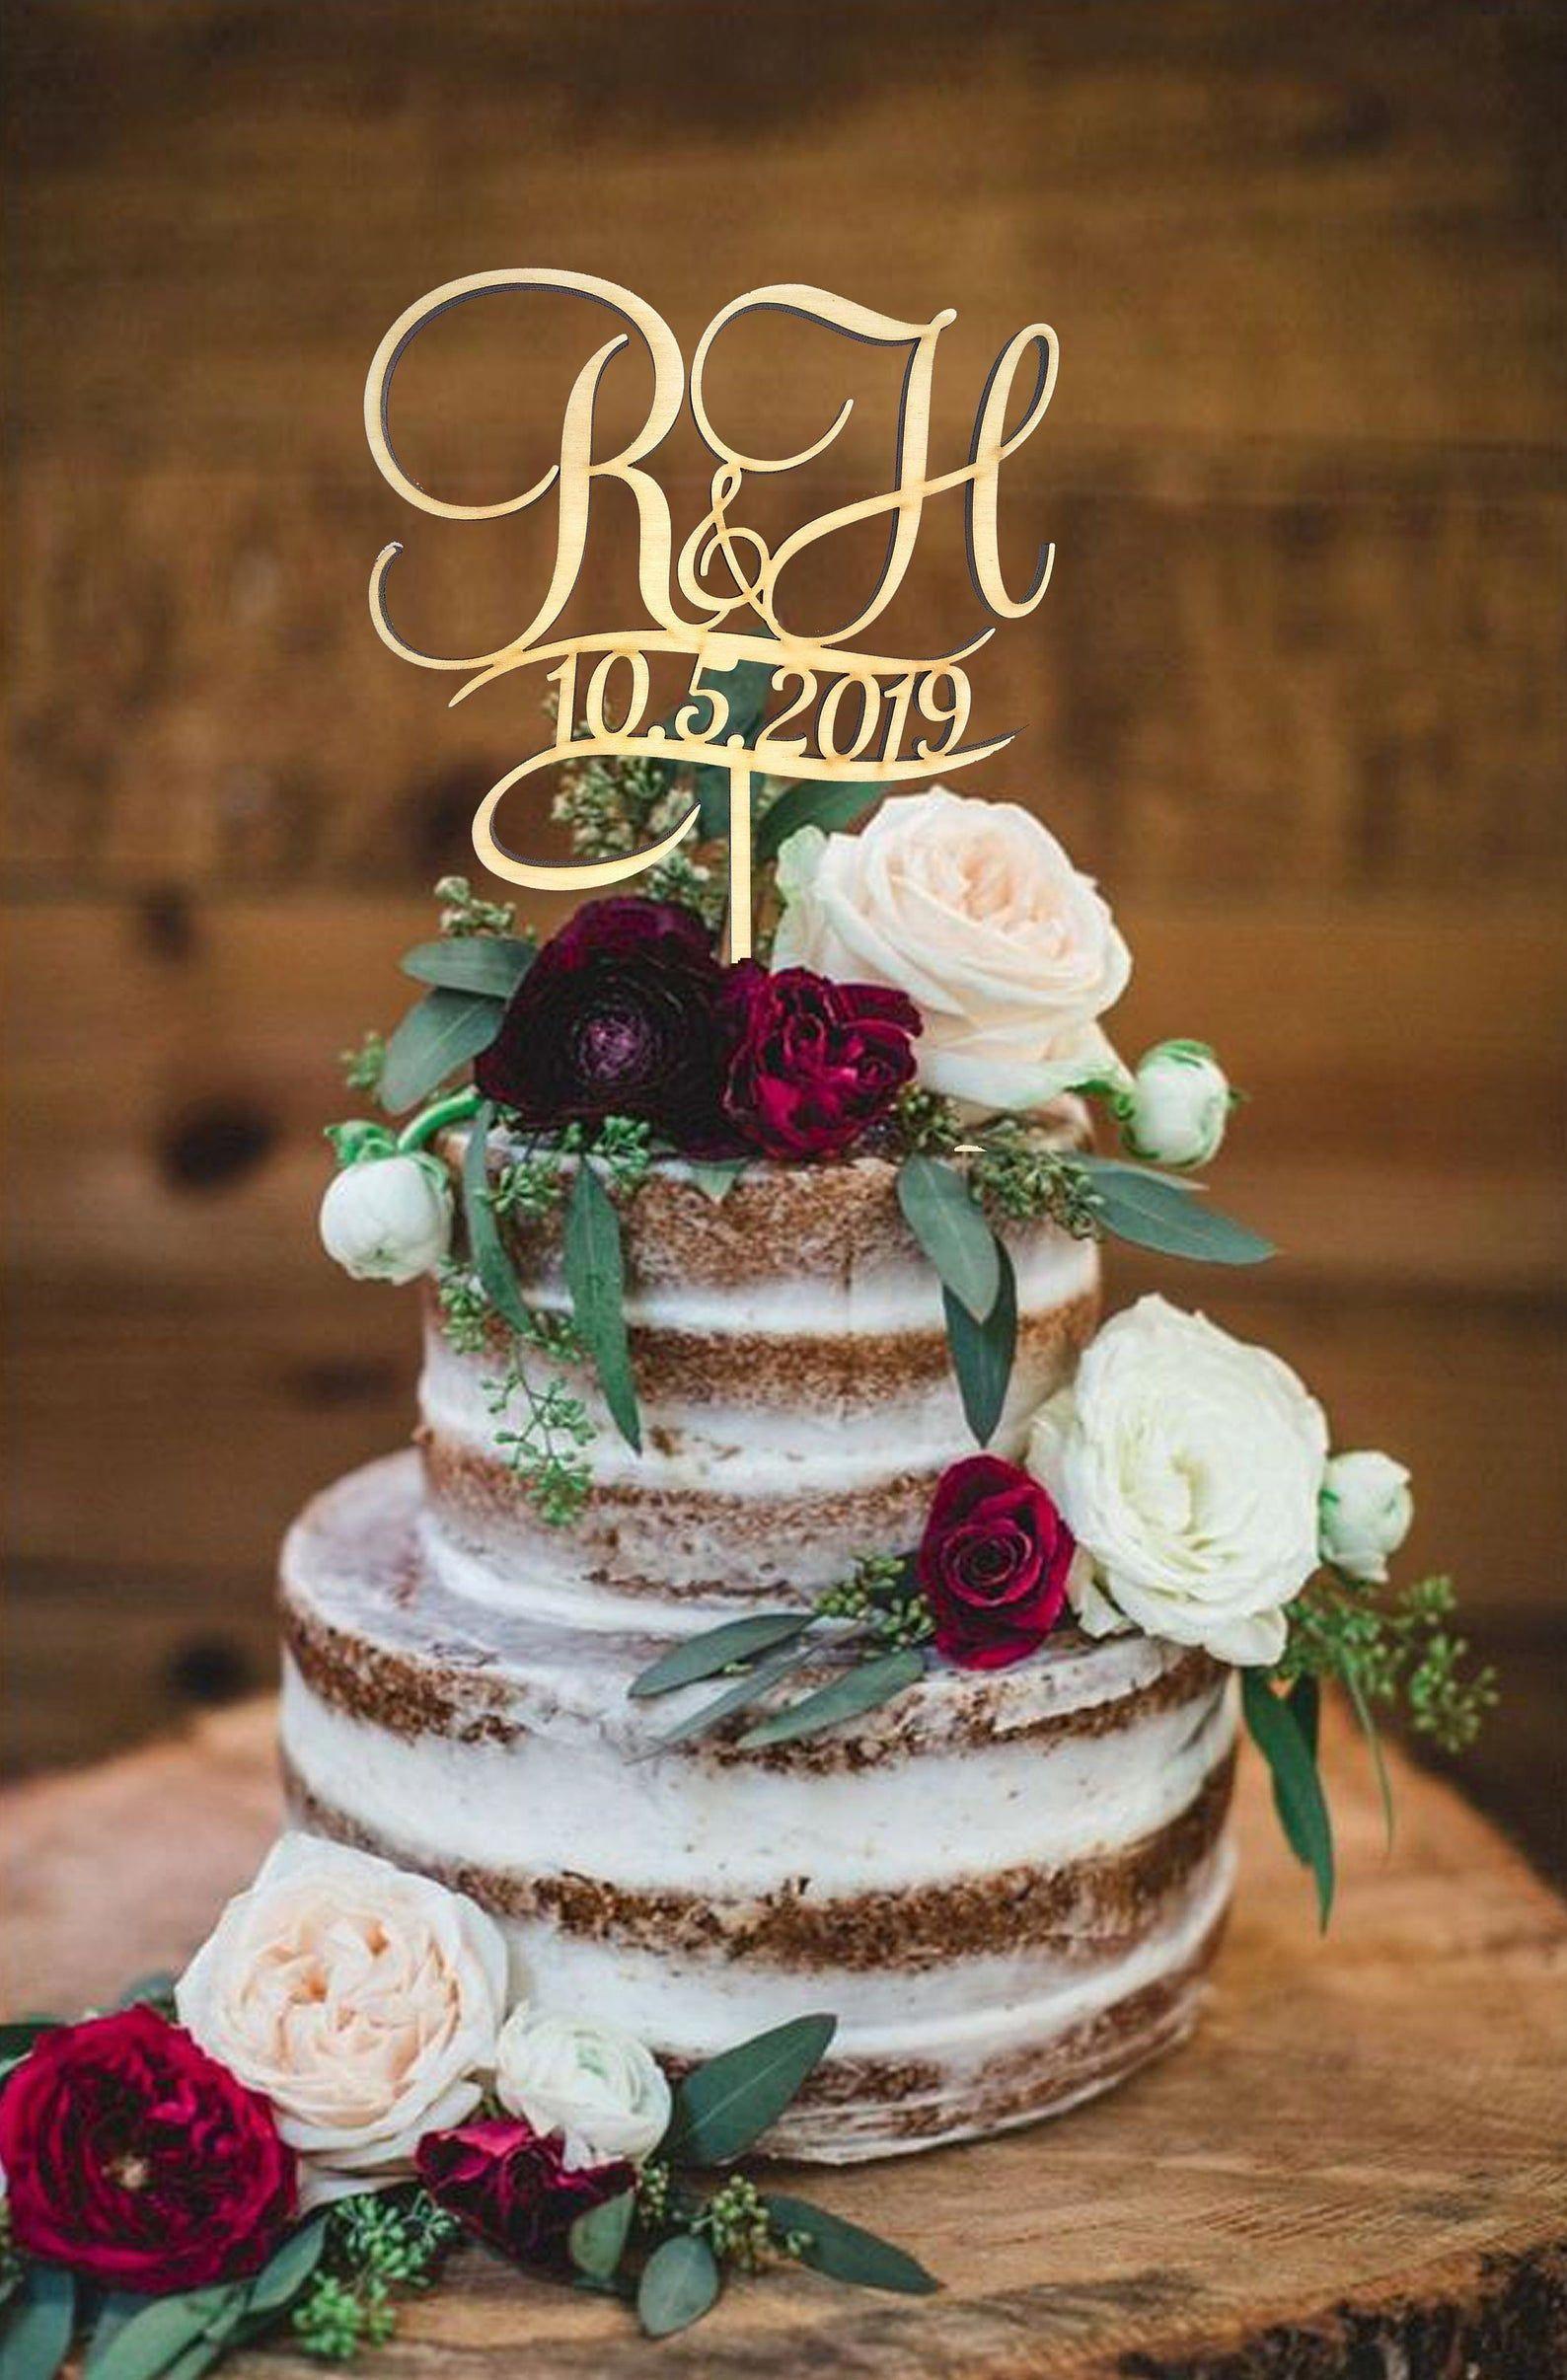 H Cake Topper Date Cake Topper R Rustic Weding Cake Topper Etsy In 2020 Rustic Wedding Cake Personalized Wedding Cake Toppers Rustic Wedding Cake Toppers